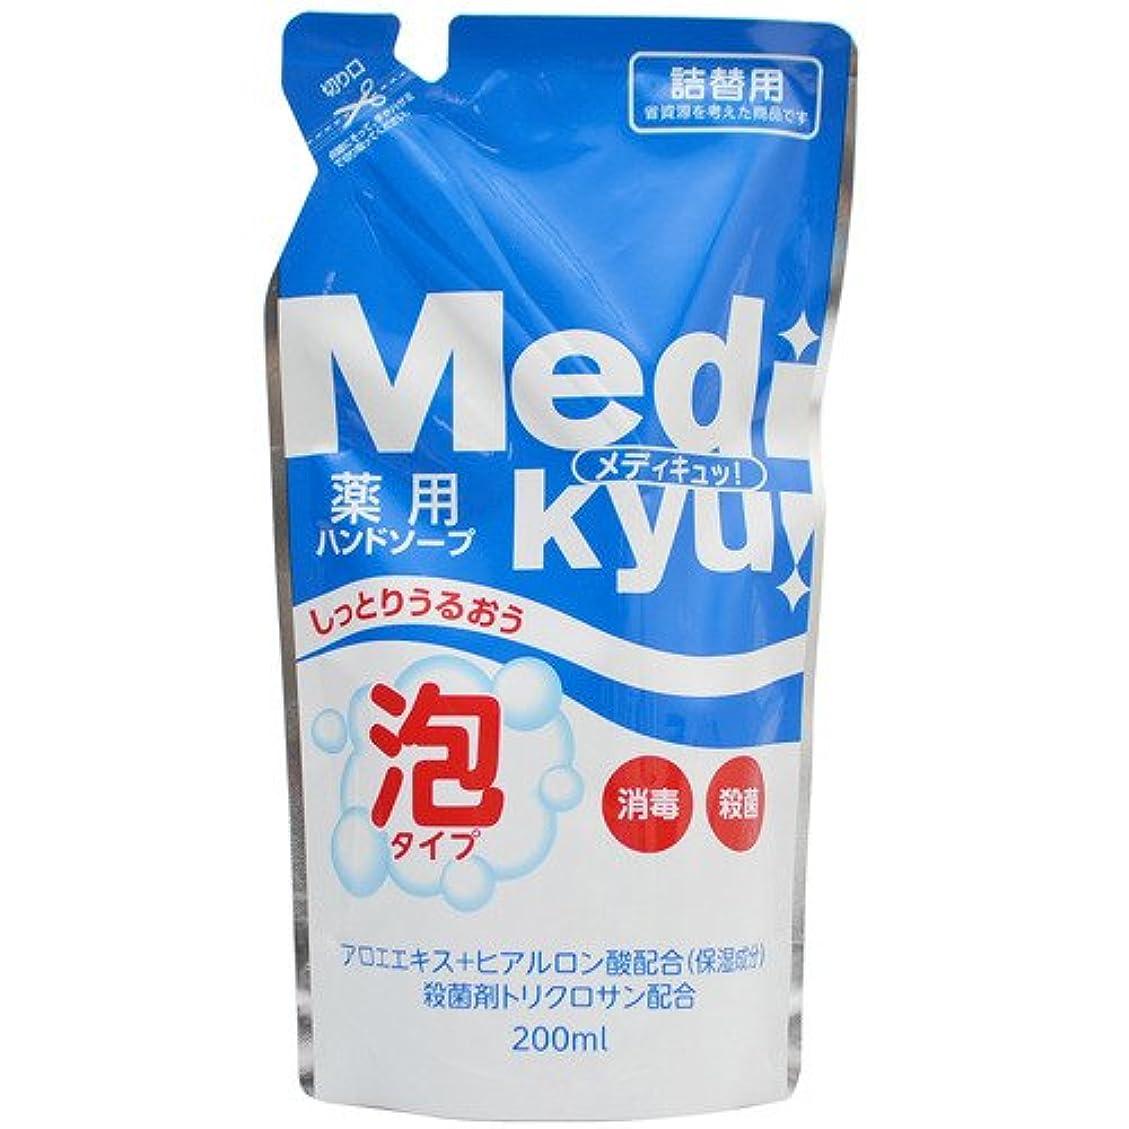 アジアコンサルタント関係する薬用ハンドソープ メディキュッ 泡タイプ 詰替用 200ml